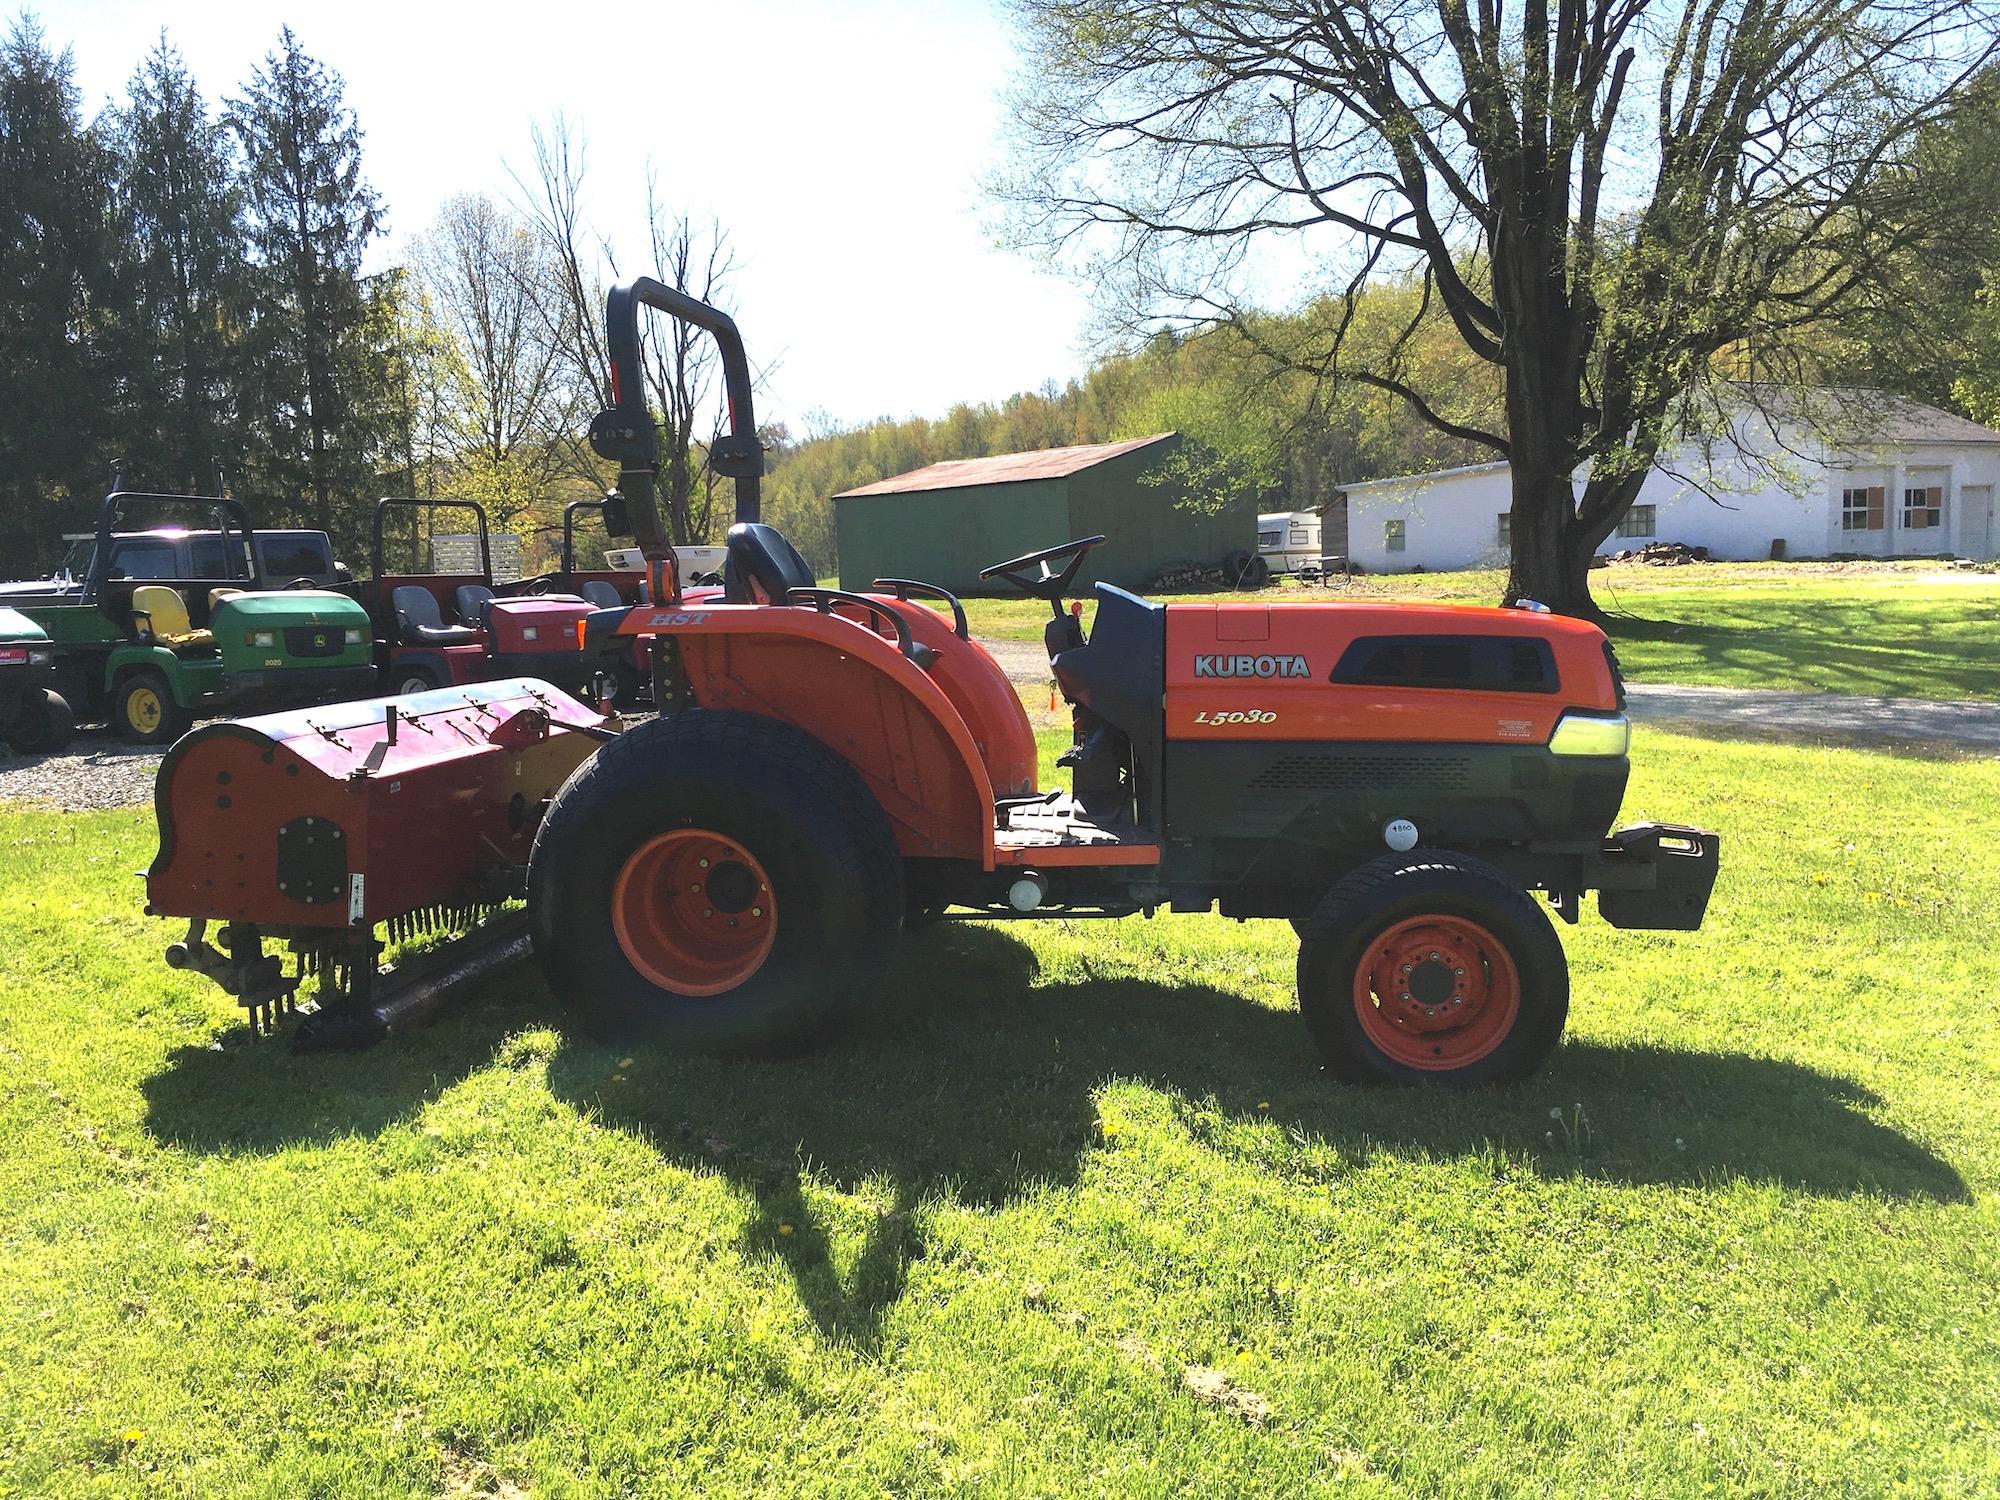 Kubota-L5030-Turf-Tractor-3